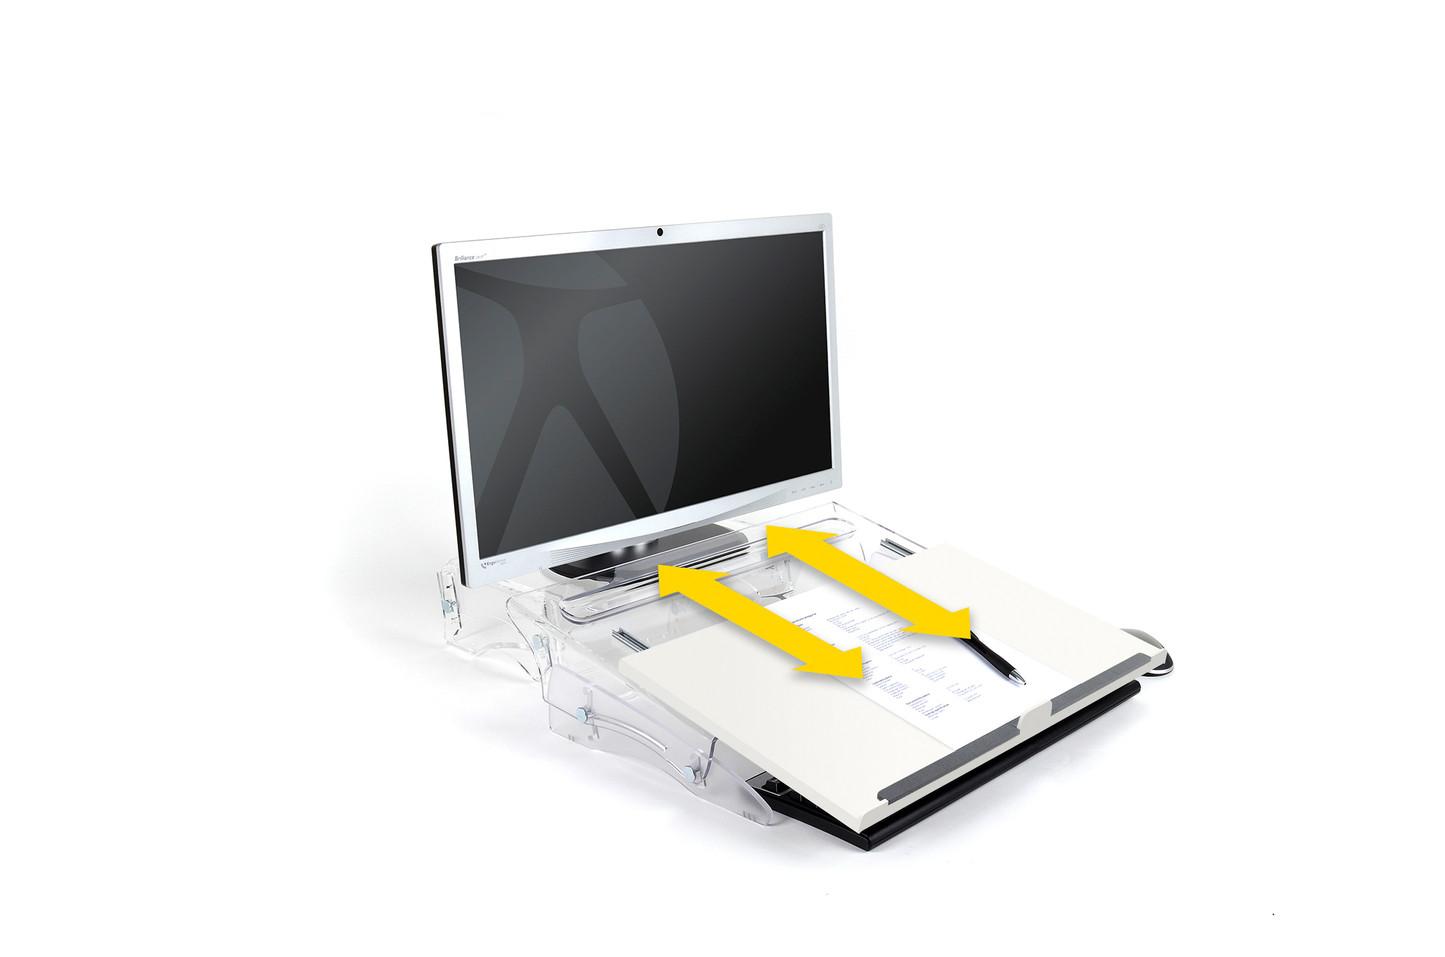 flexdesk-630n-document-holder-1508233983